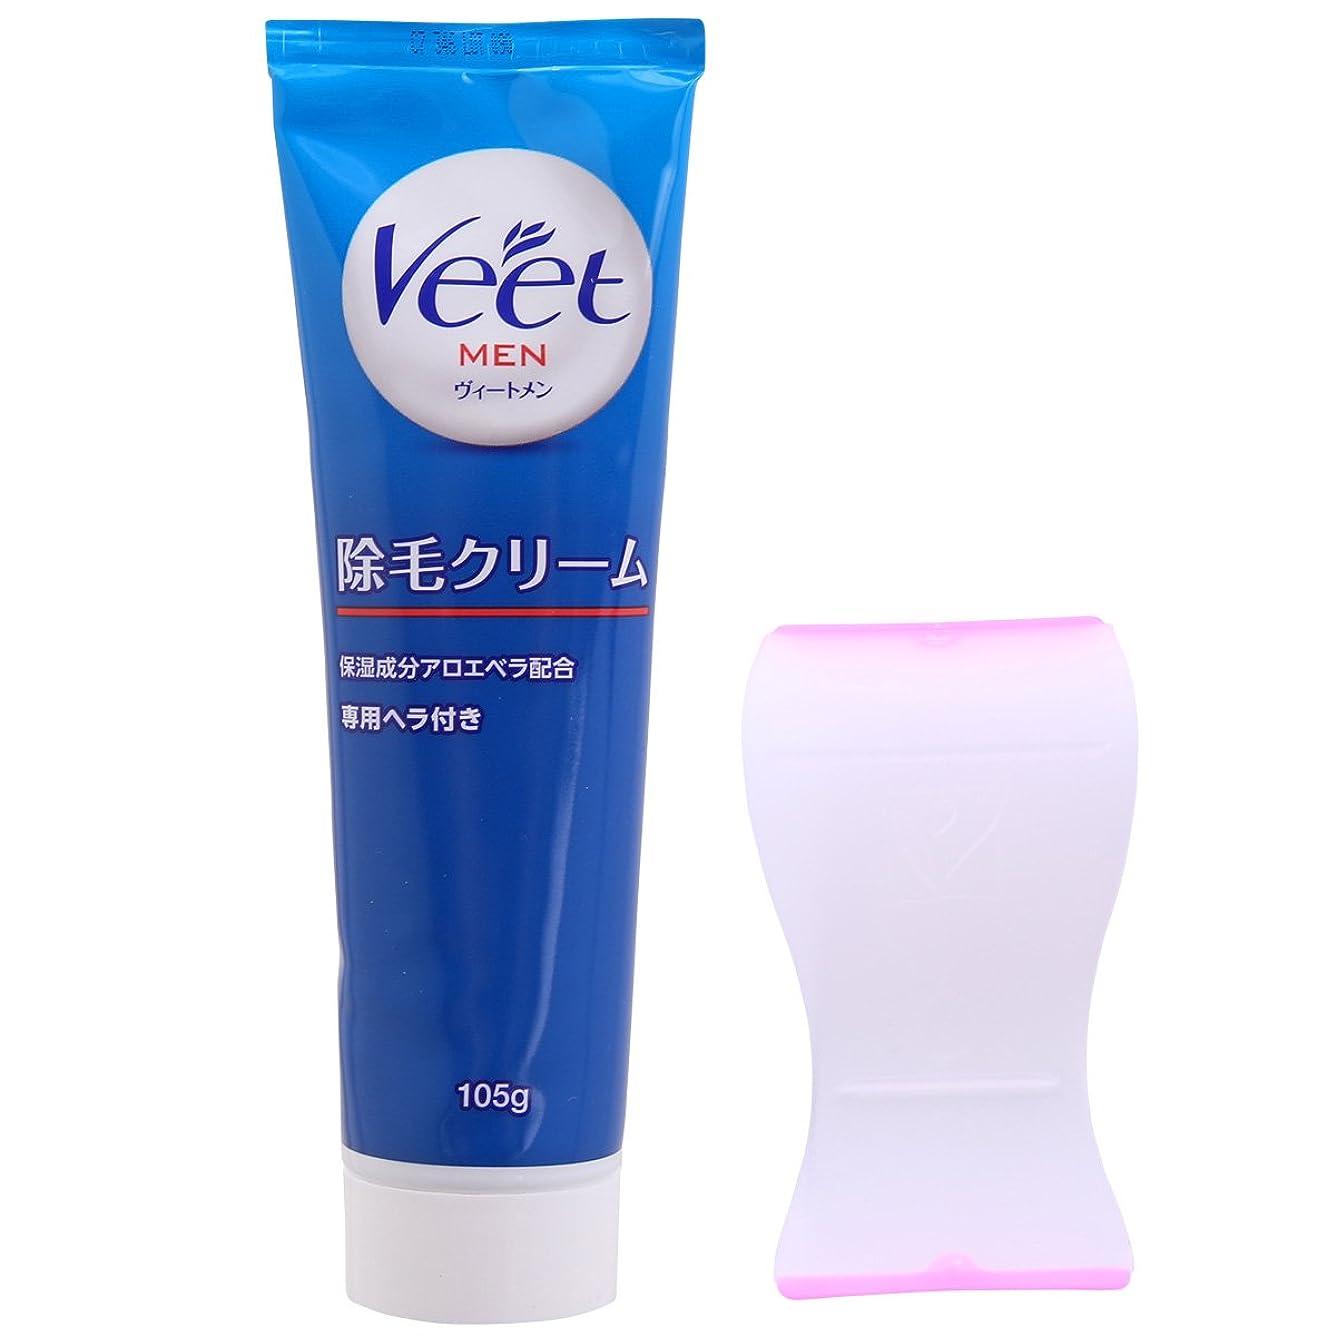 一時解雇するプーノ暖かさ(ヴィート)Veet メンズ 除毛クリーム あし うで 胸 背中 わきの下